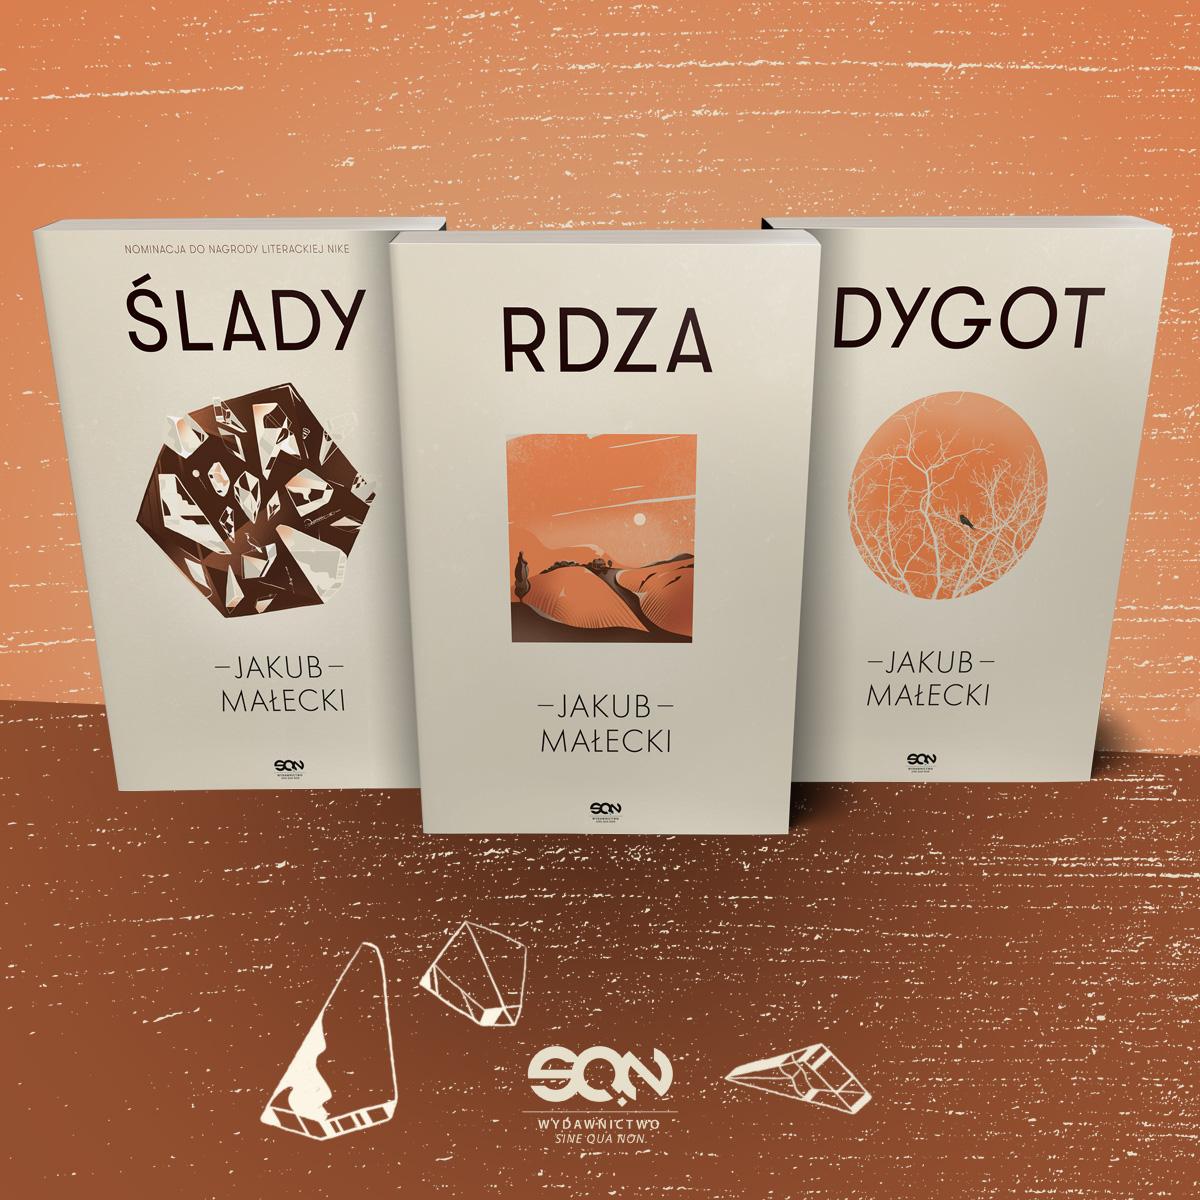 rdza-slady-dygot-malecki